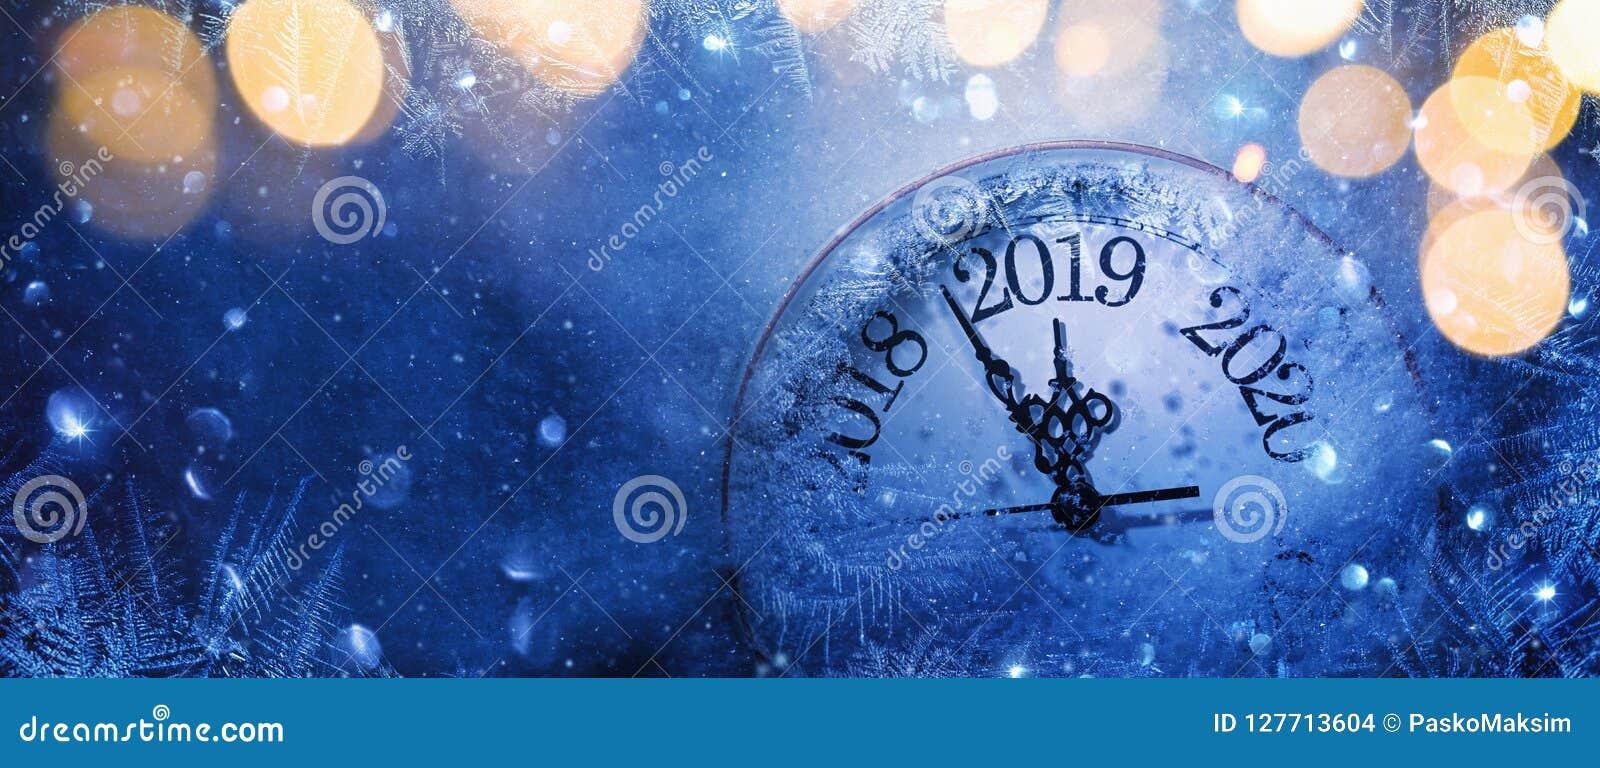 Καλή χρονιά 2019 Χειμερινός εορτασμός